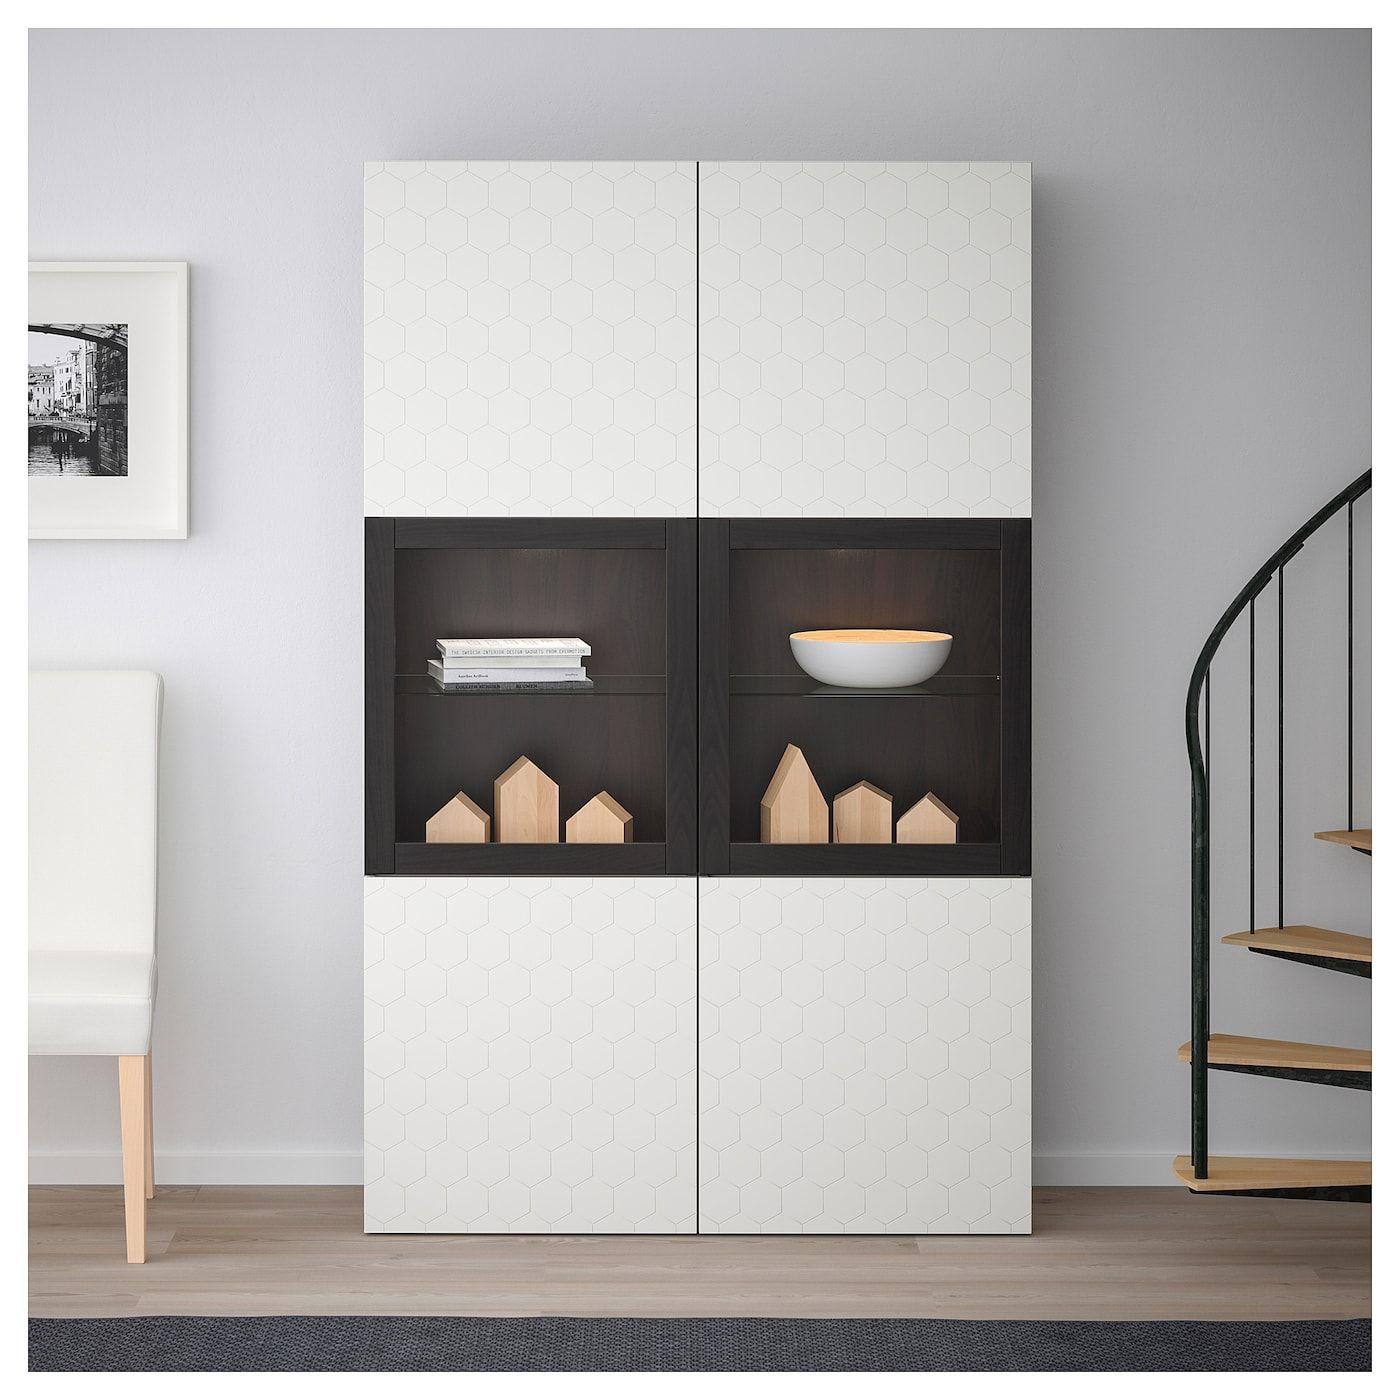 Ikea Besta Storage Combination W Glass Doors Black Brown Vassviken In 2020 Ikea Wohnzimmer Schwarze Innenturen Innentur